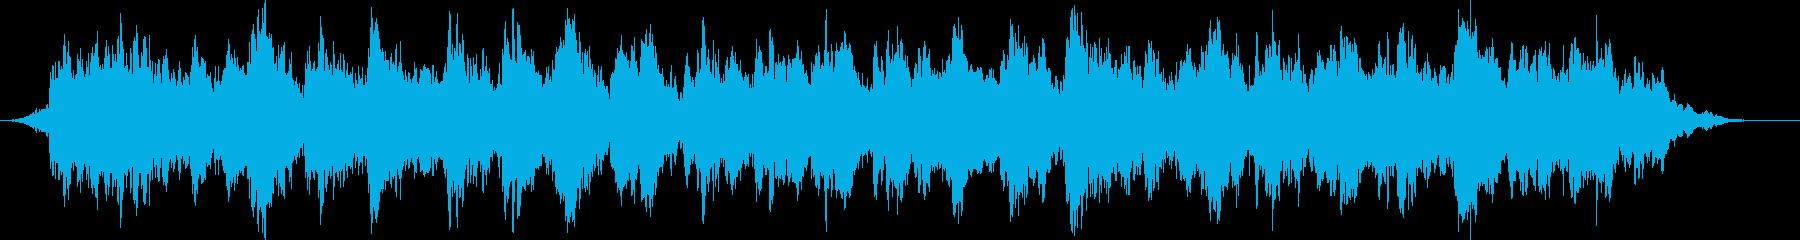 ホラーのような妖精の鳴き声のBGMの再生済みの波形